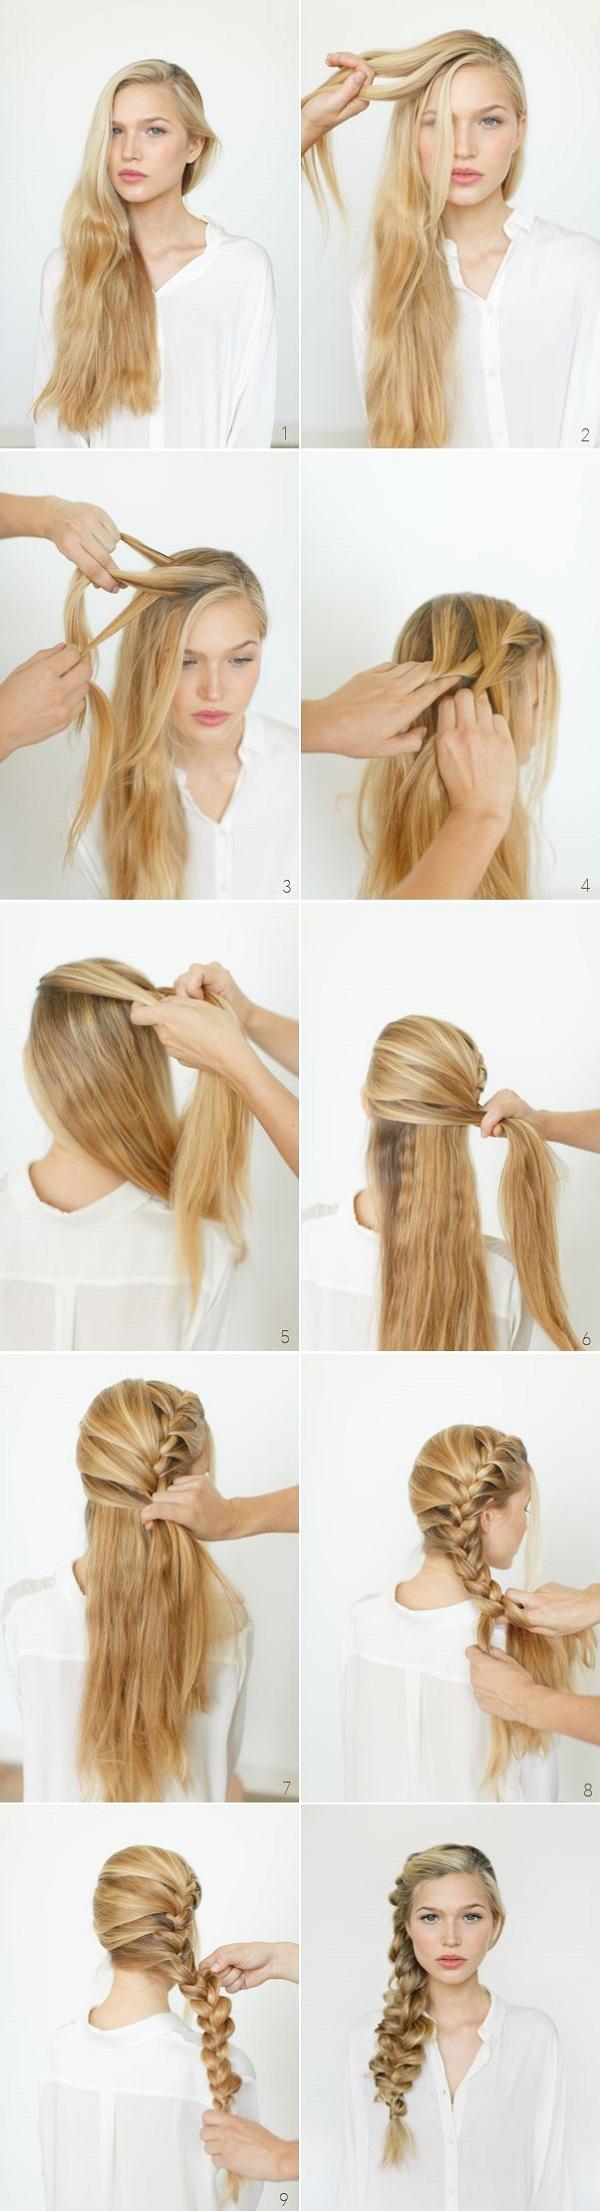 Yan Örgülü Saç Modeli Nasıl Yapılır